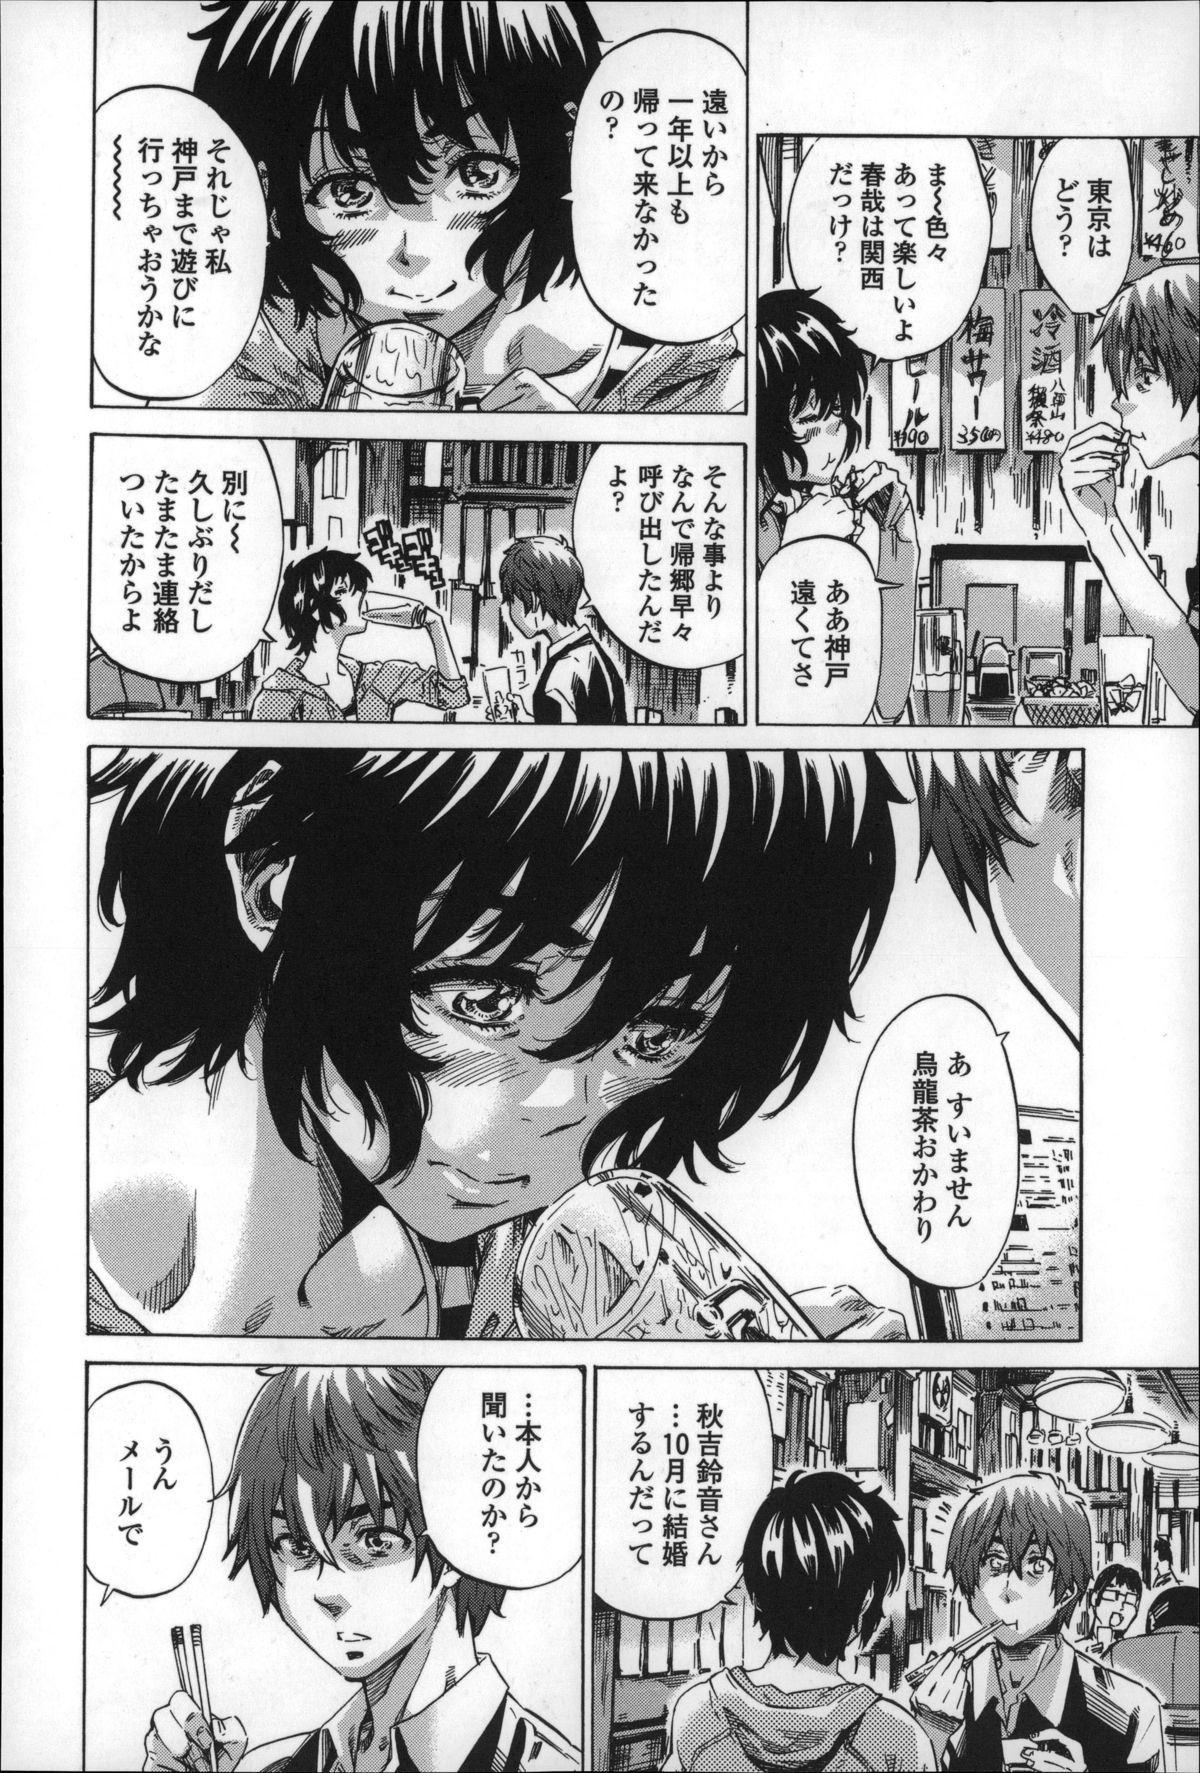 Choushin de Mukuchi no Kanojo ga Hatsujou Shite Kitara Eroiyo ne? 175